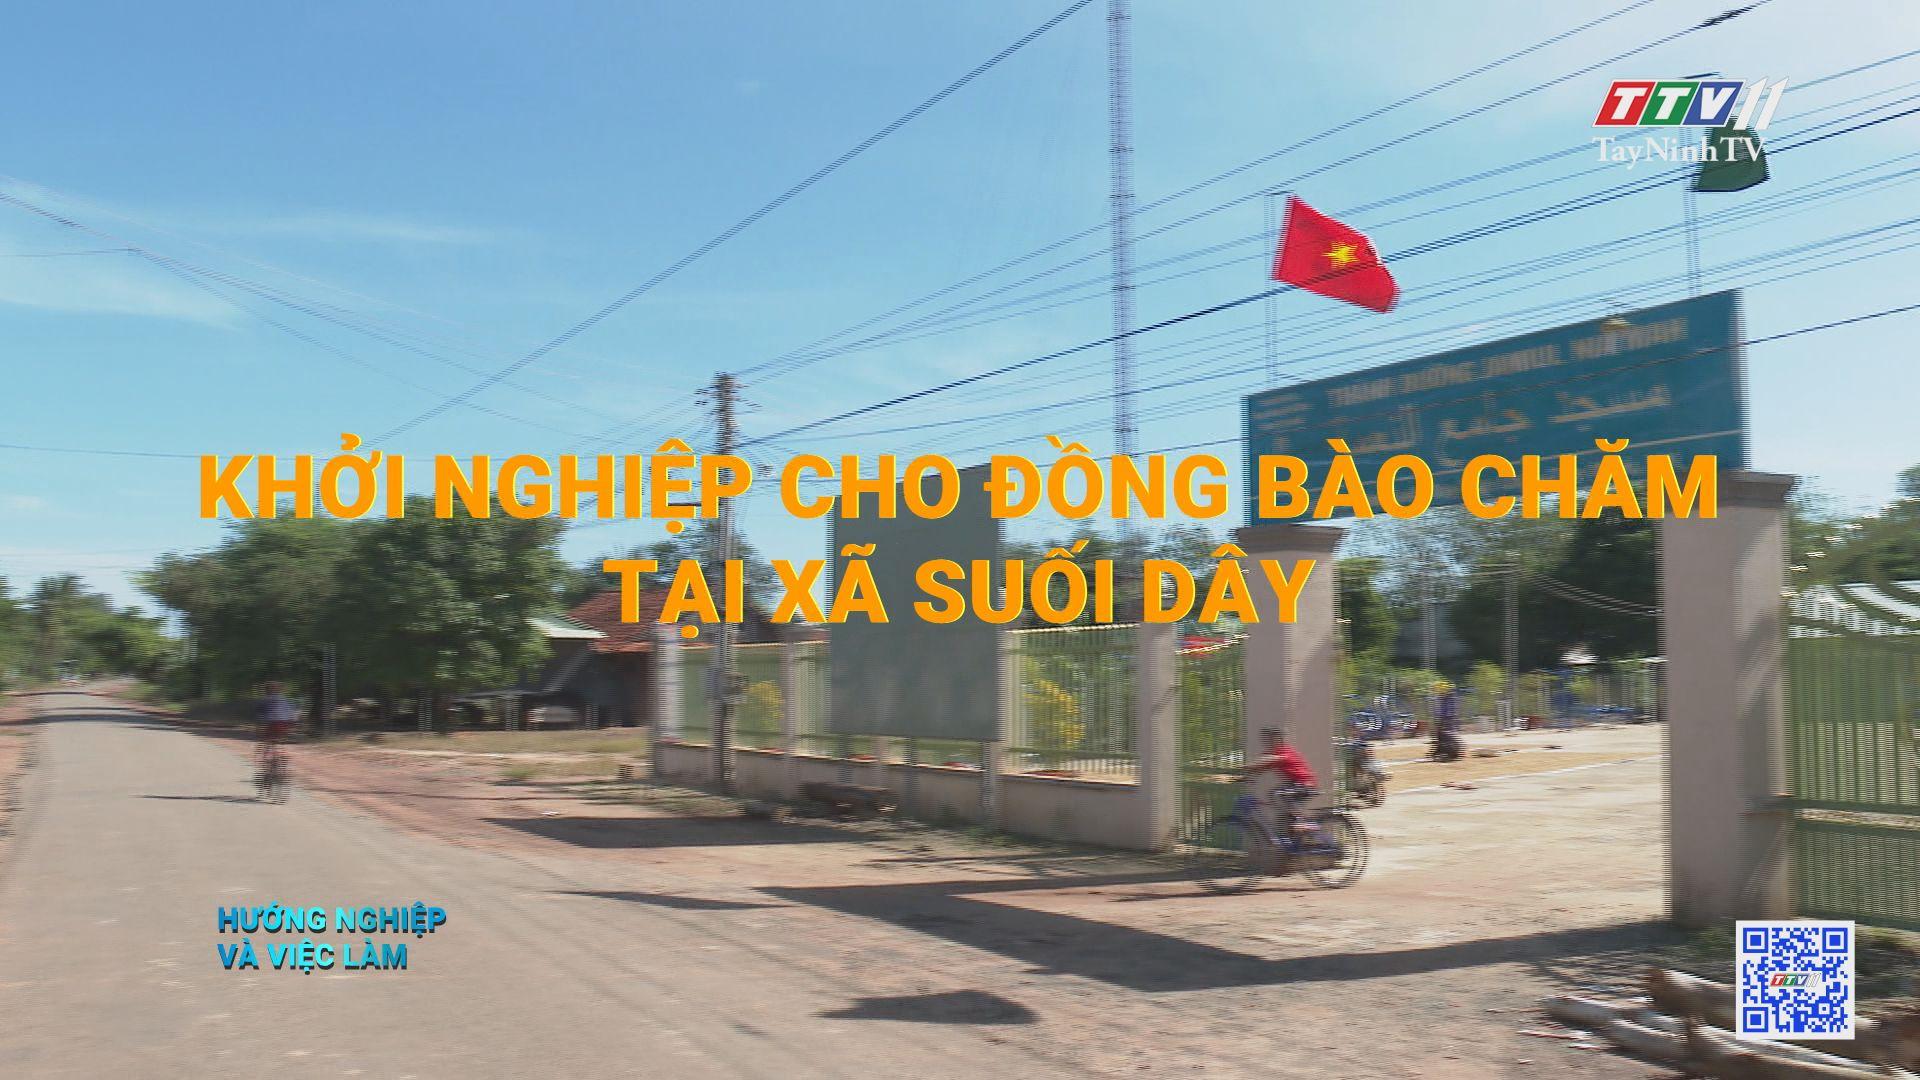 Khởi nghiệp cho đồng bào Chăm tại xã Suối Dây | HƯỚNG NGHIỆP VIỆC LÀM | TayNinhTV